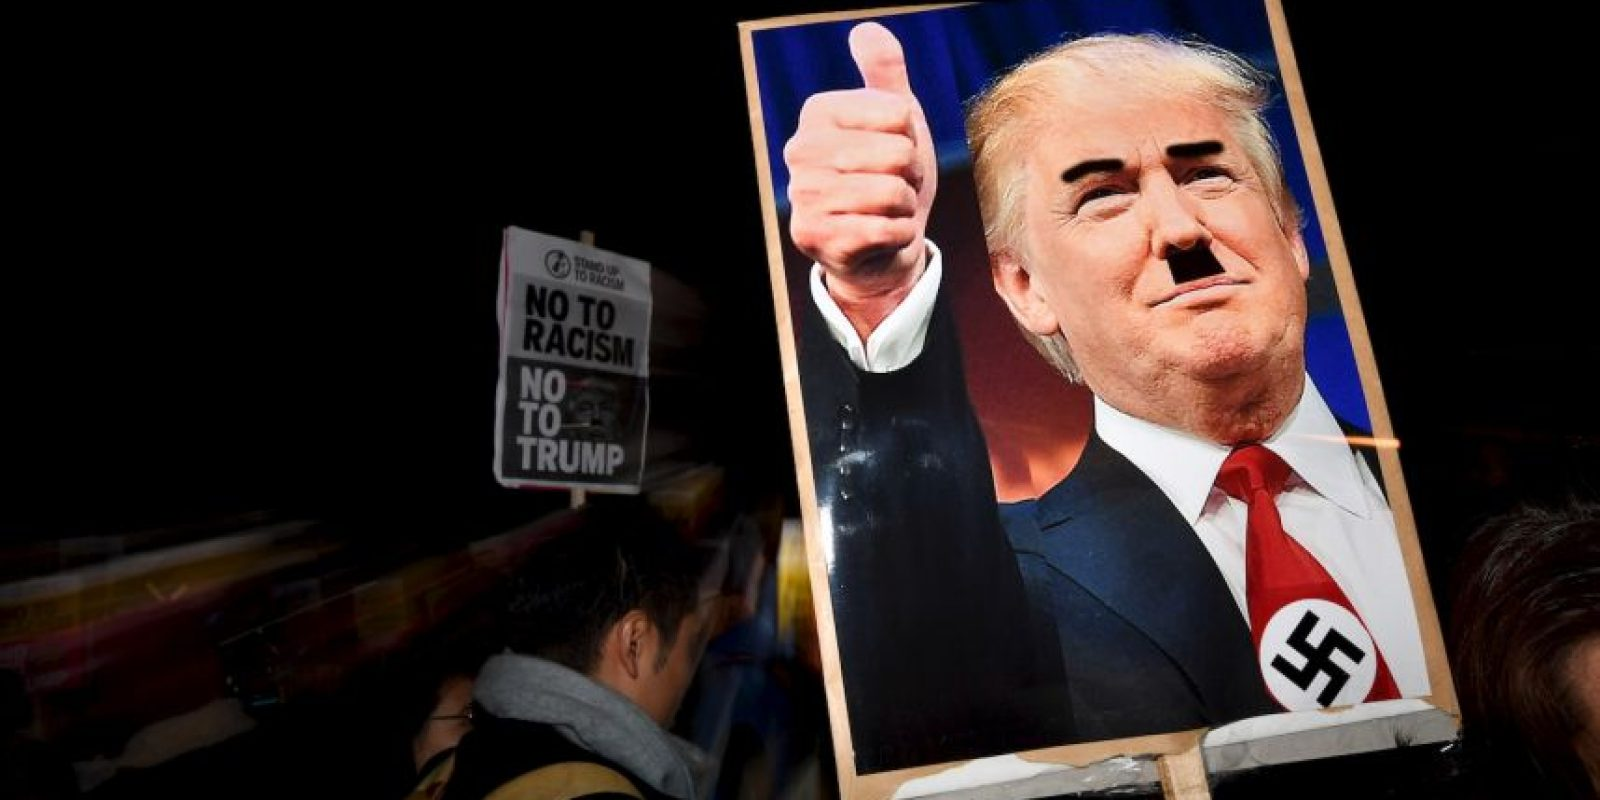 La elección de Donald Trump ha causado protestas en Estados Unidos Foto:AFP